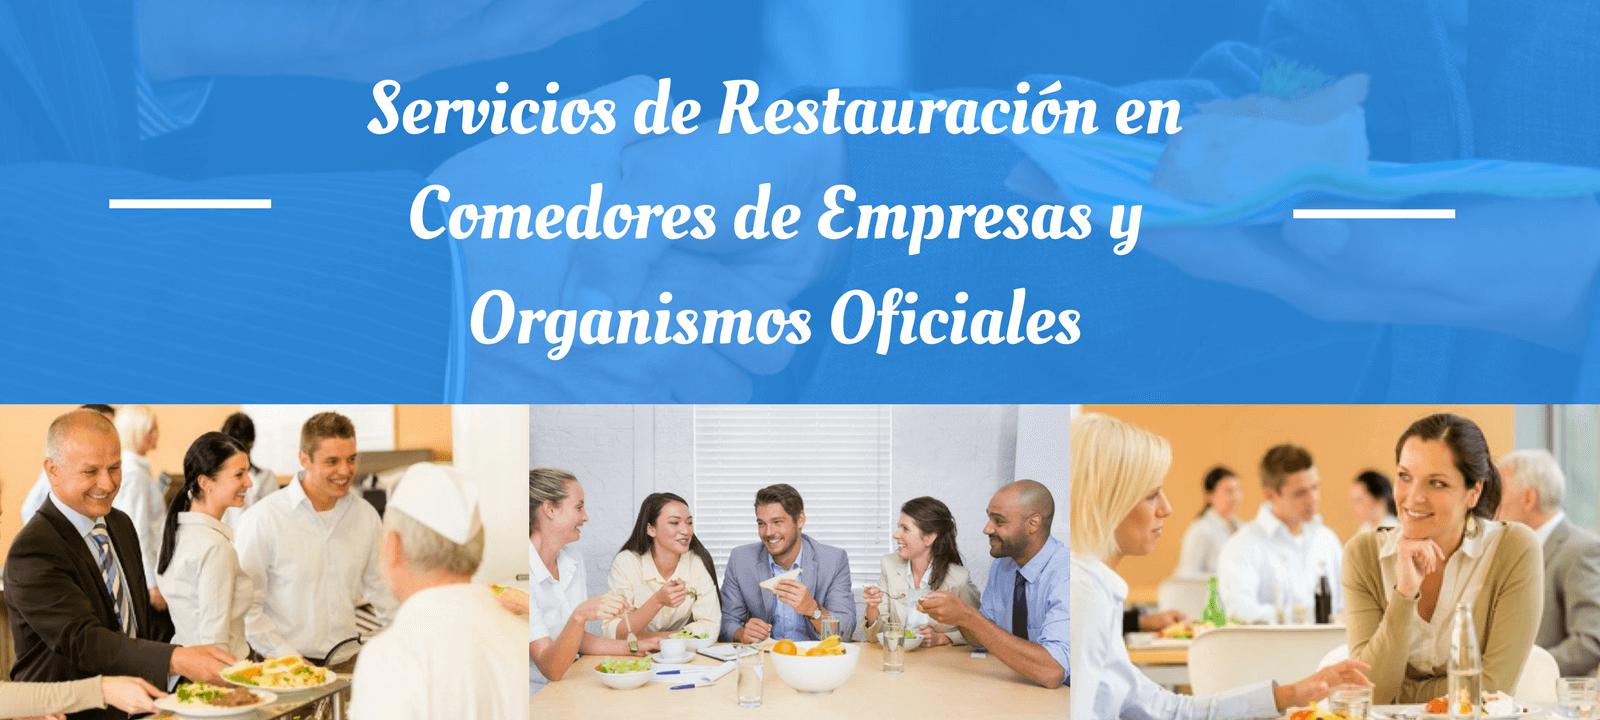 Servicios de hosteler a en madrid y servicios restauraci n - Comedor empresa ...